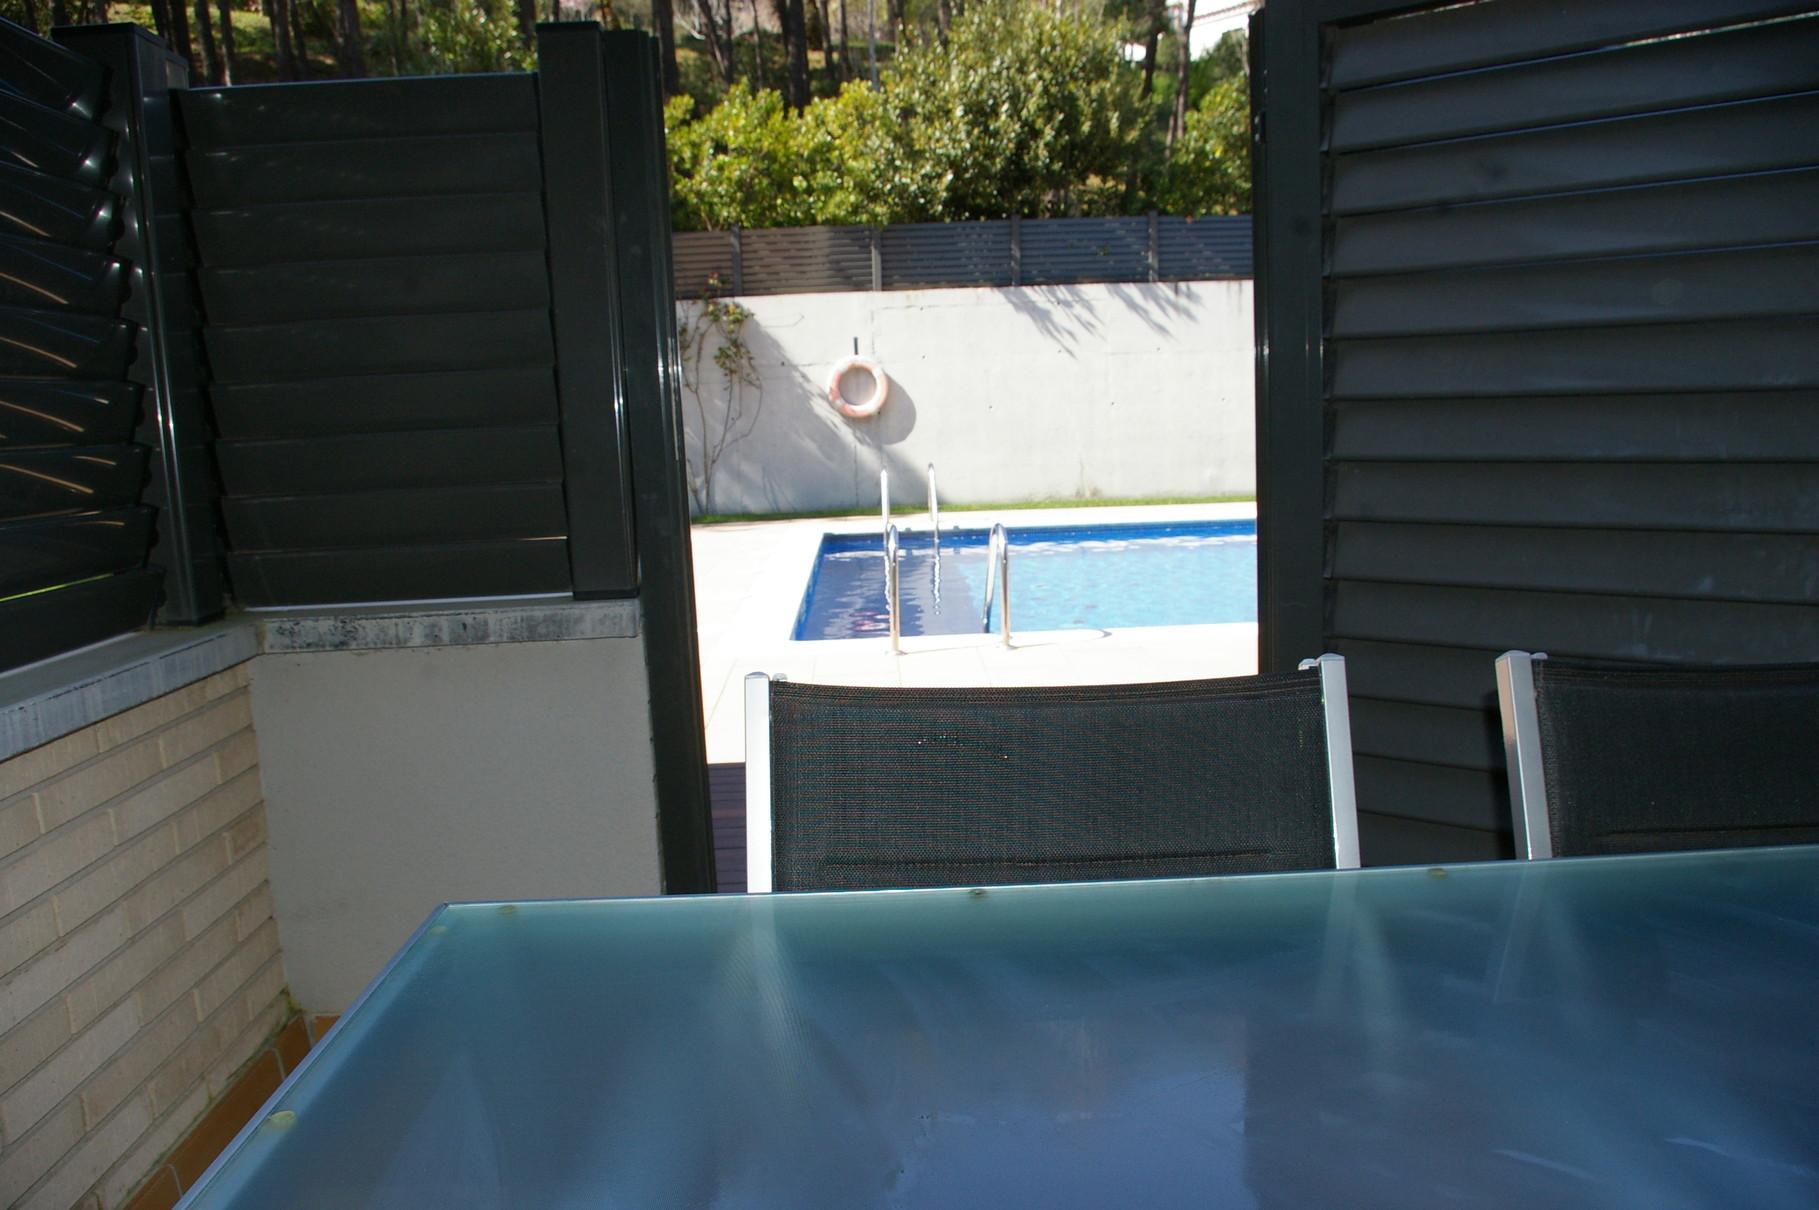 Vistas de la piscina desde la terraza